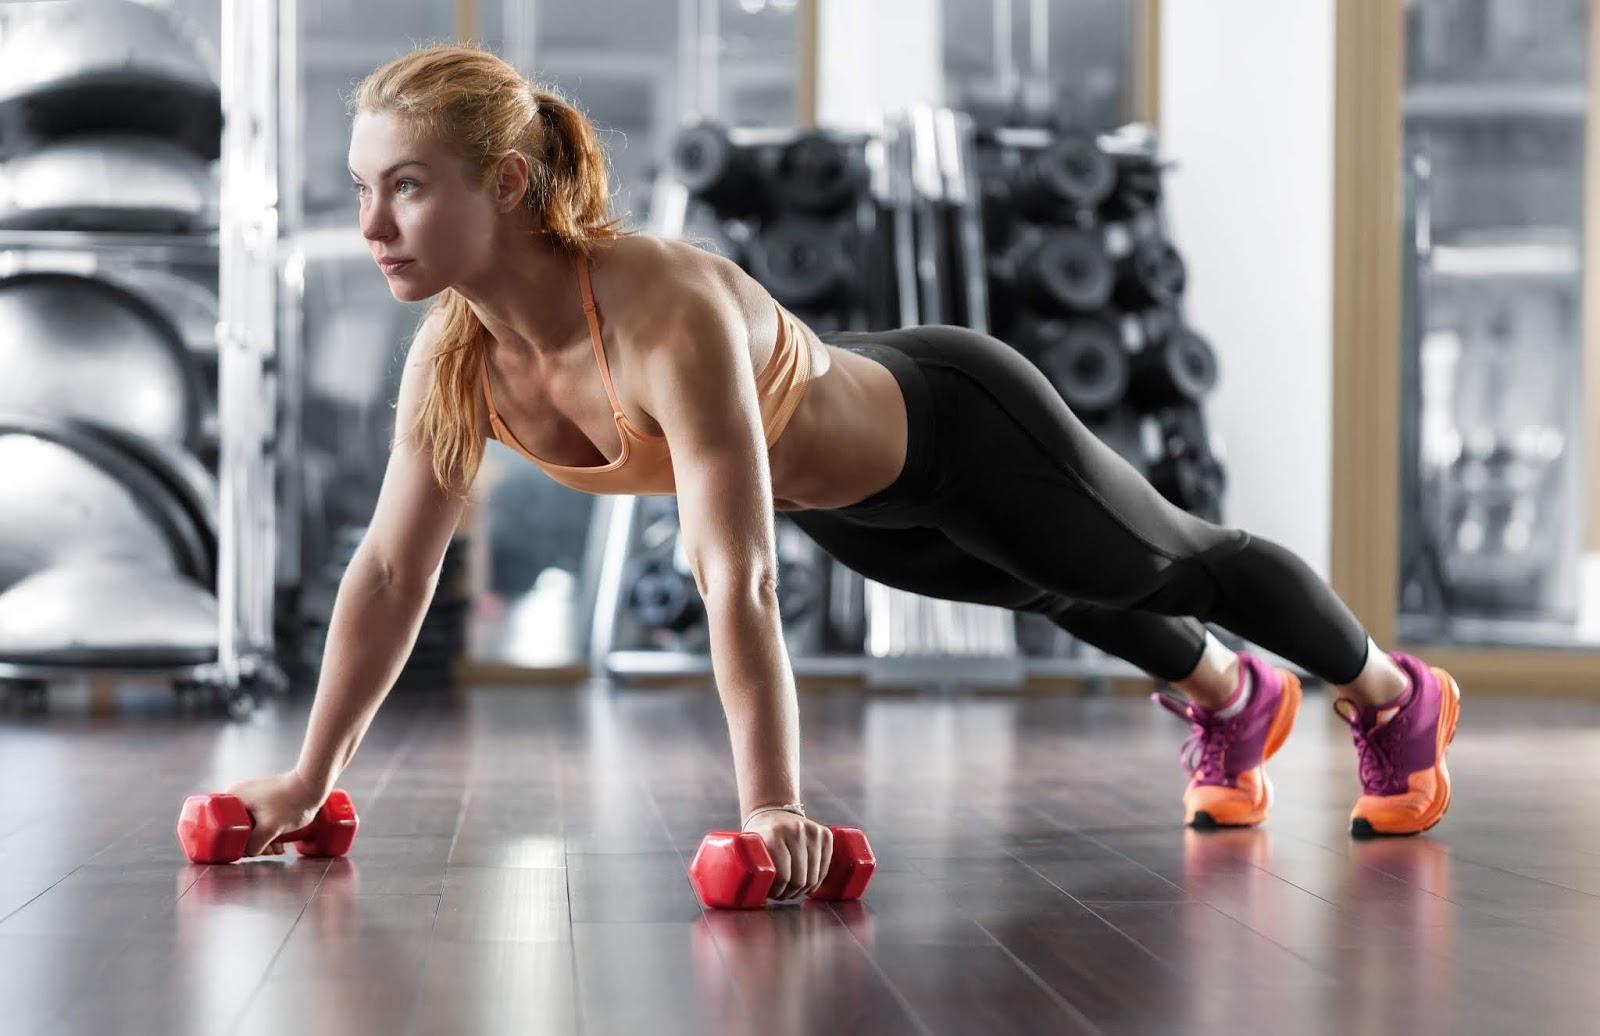 Кардио и силовая тренировка для похудения видео